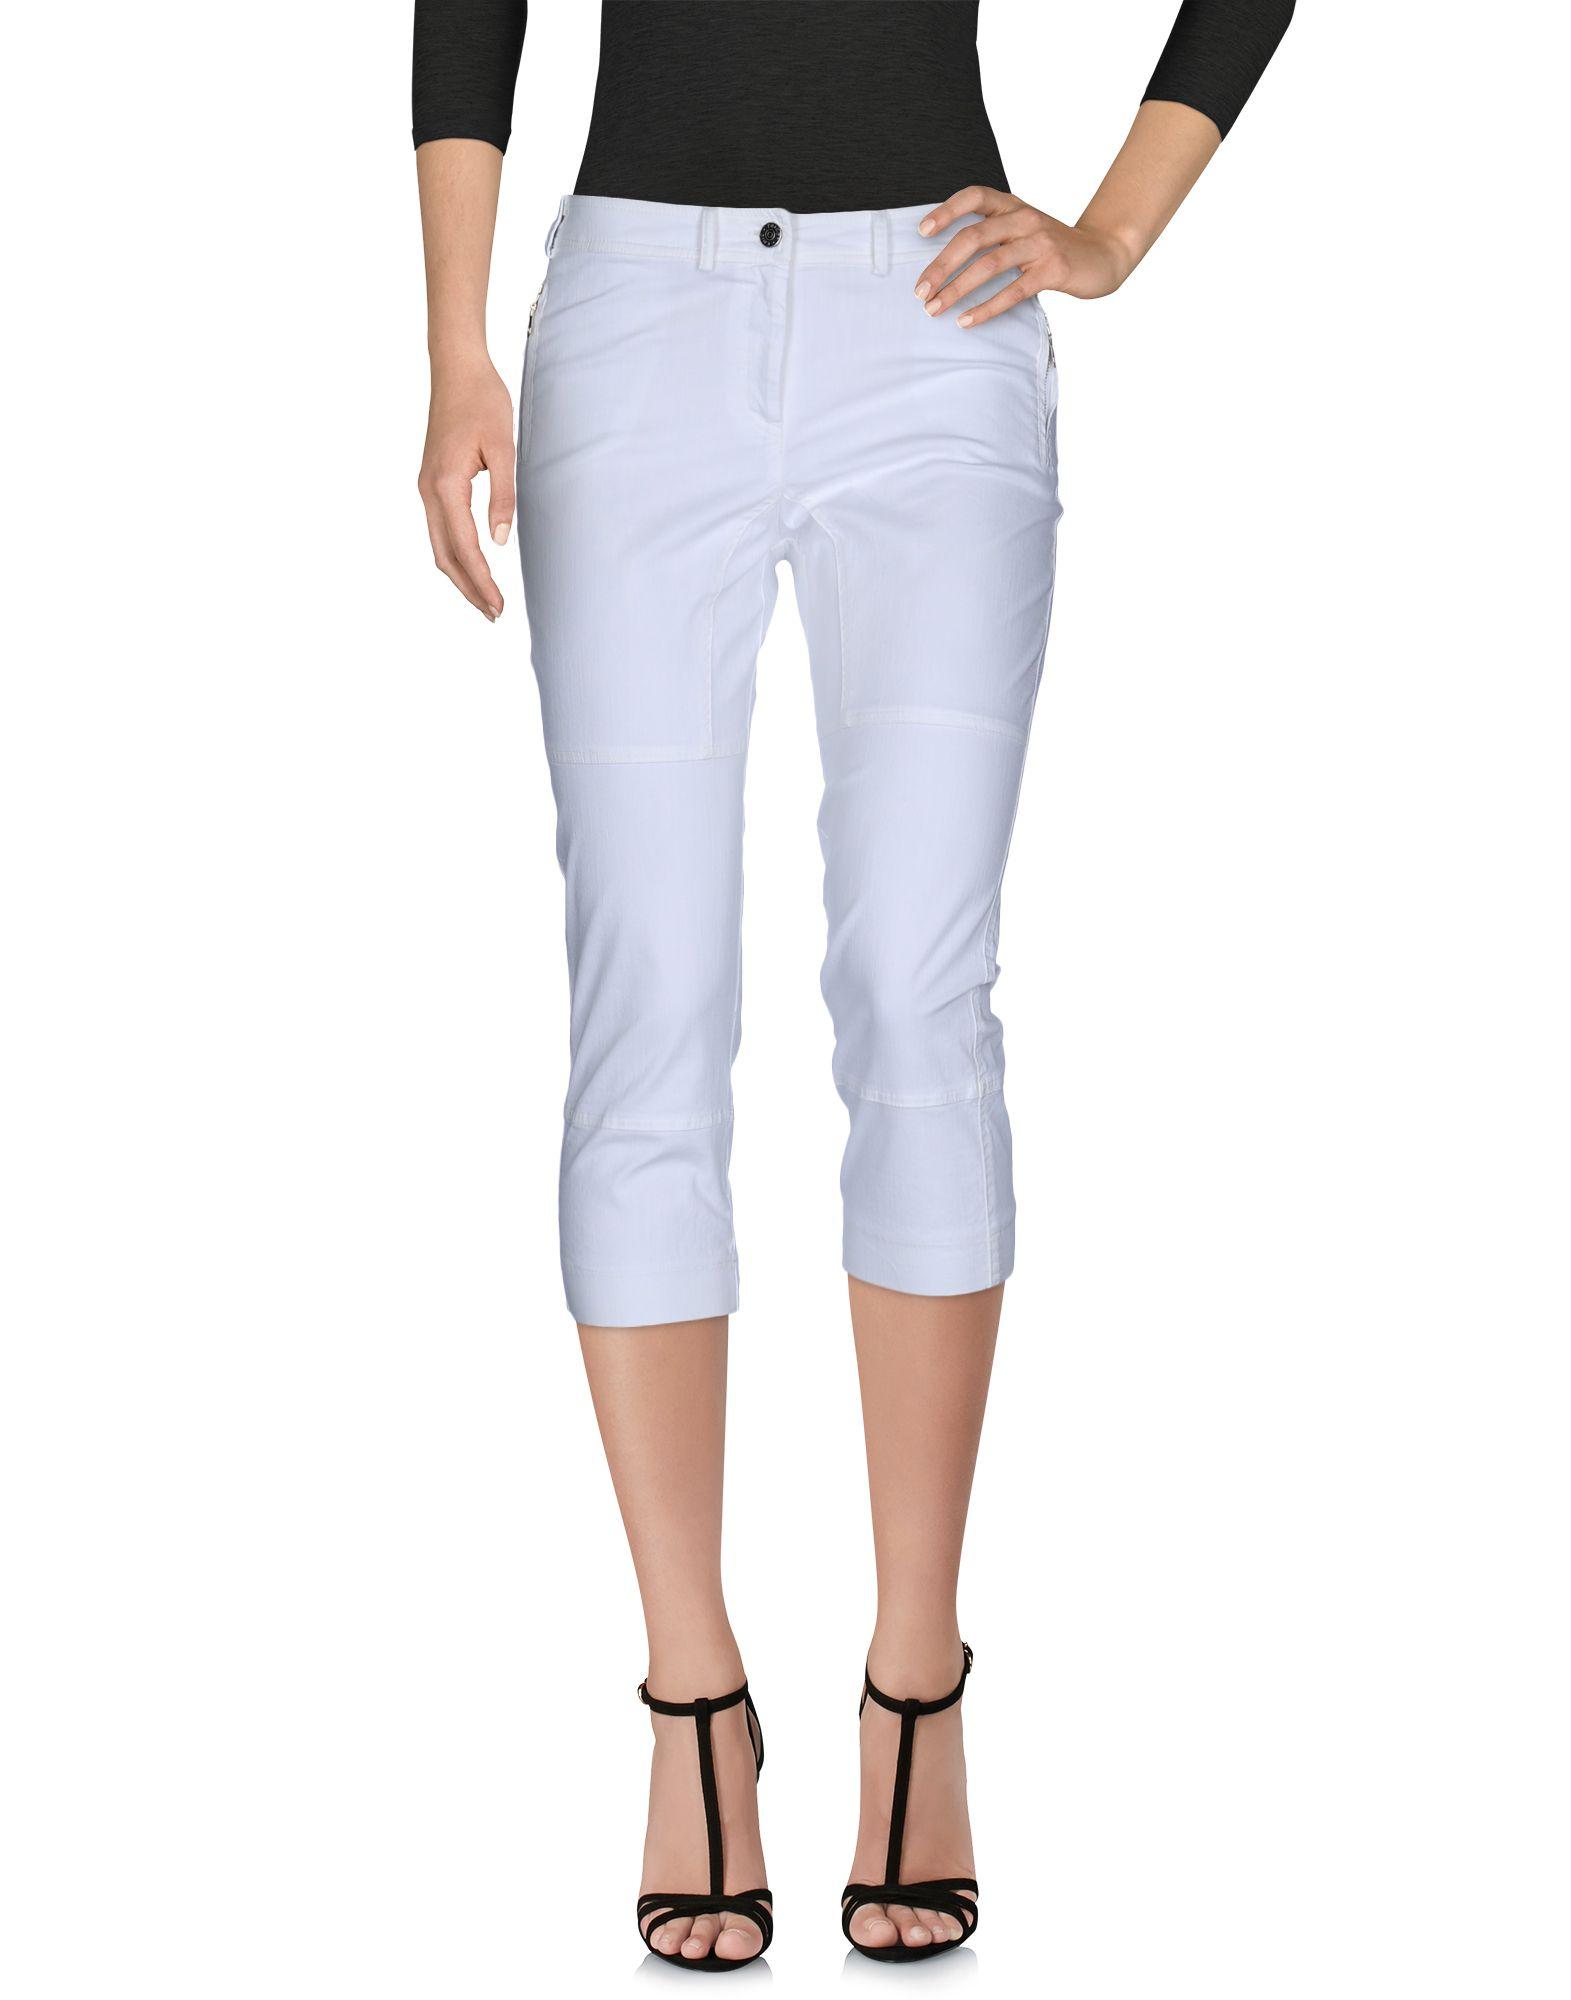 TRICOT CHIC Джинсовые брюки-капри